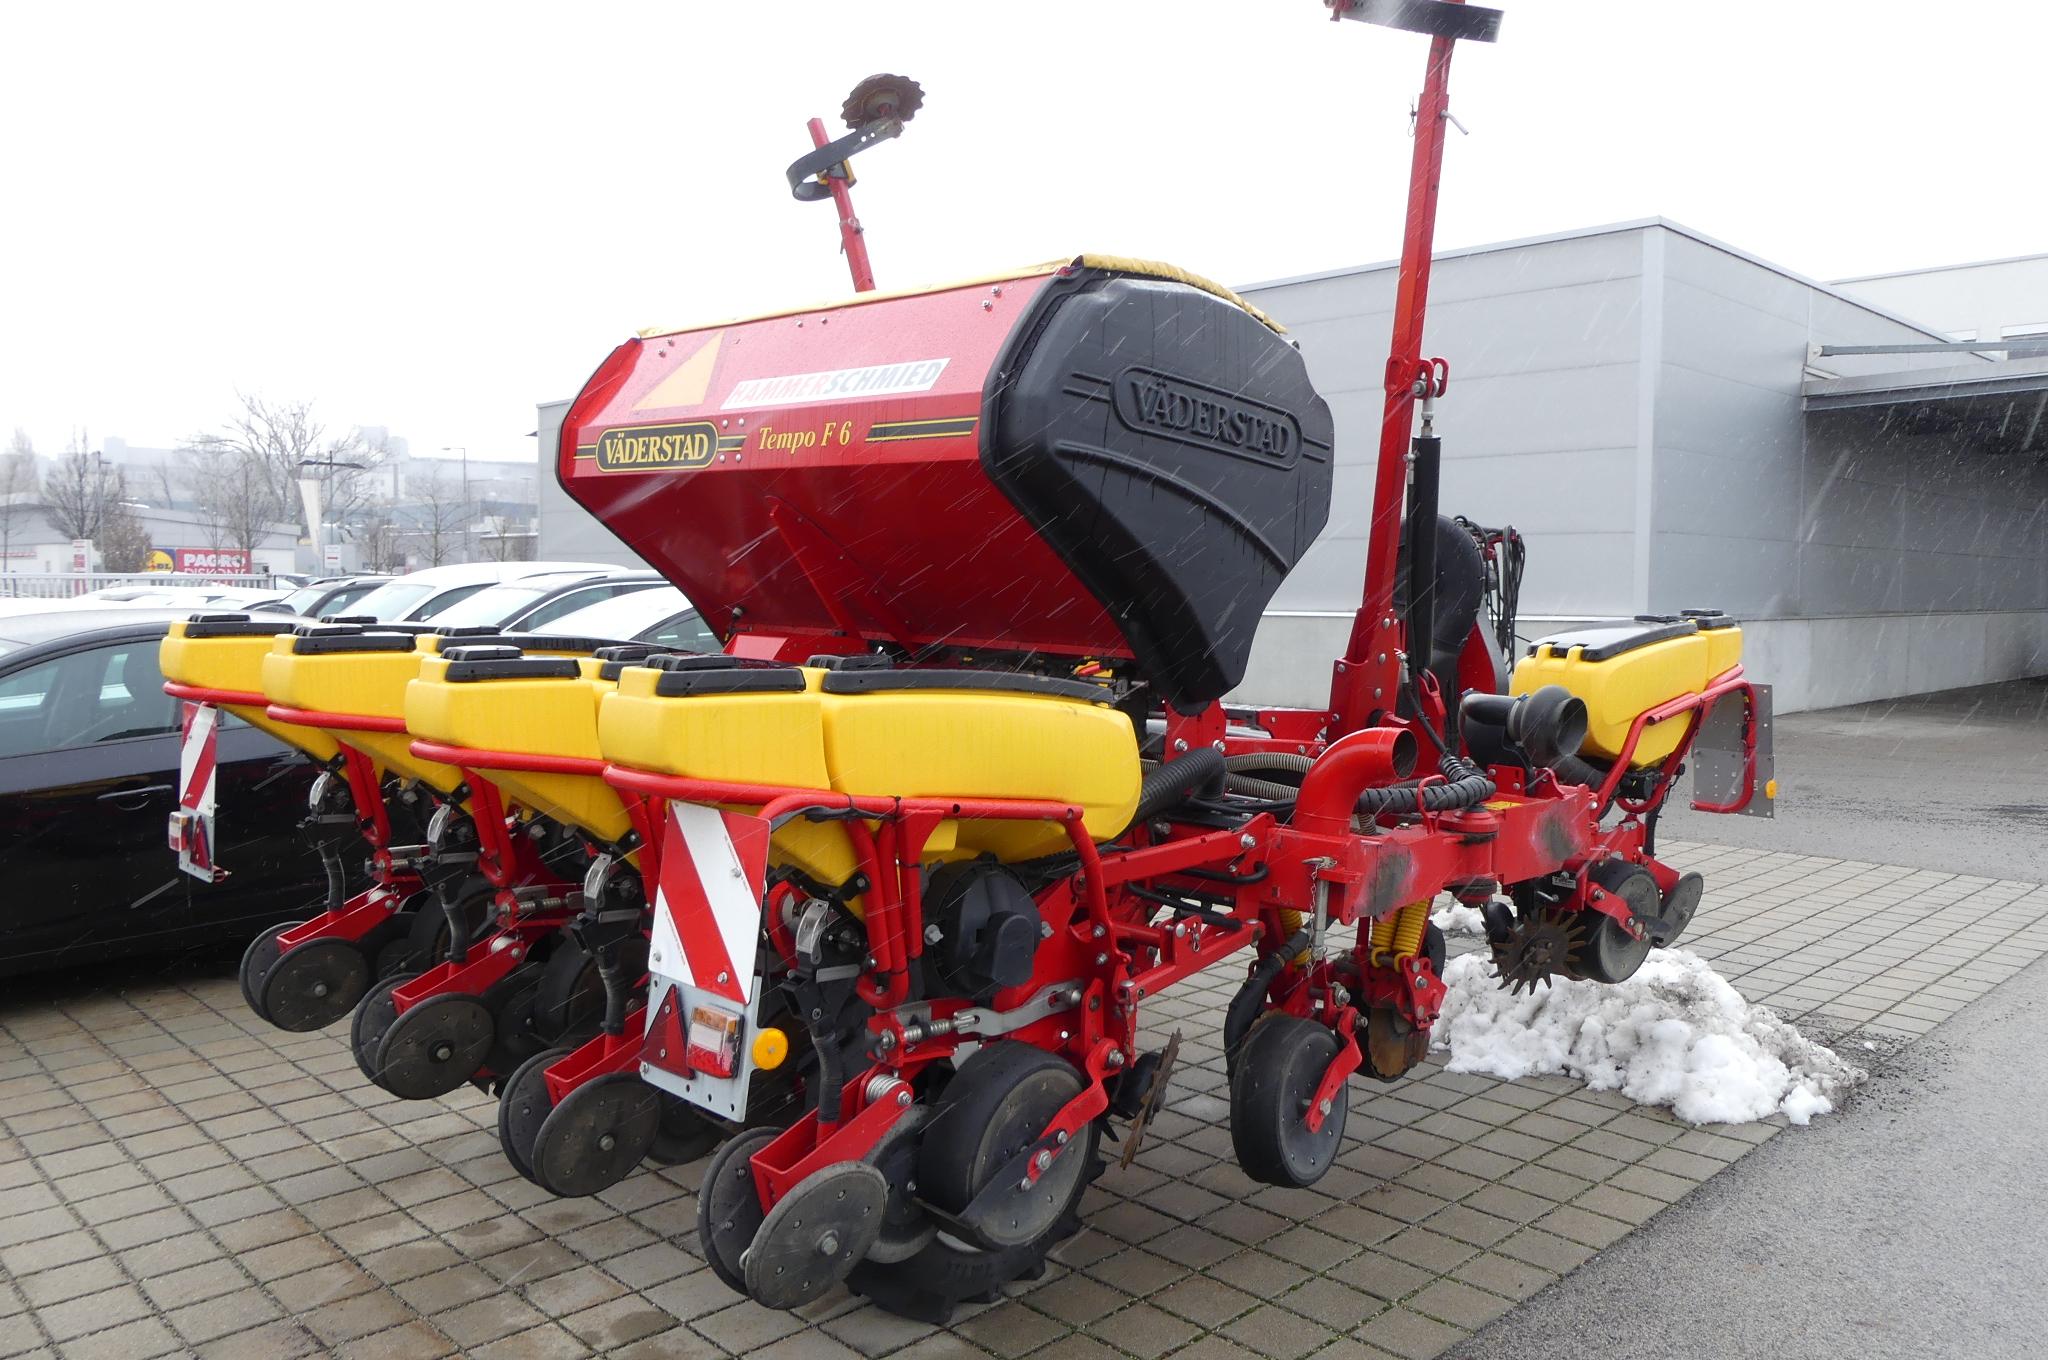 Hochgeschwindigkeits-Einzelkornsämaschine Väderstad Tempo F6